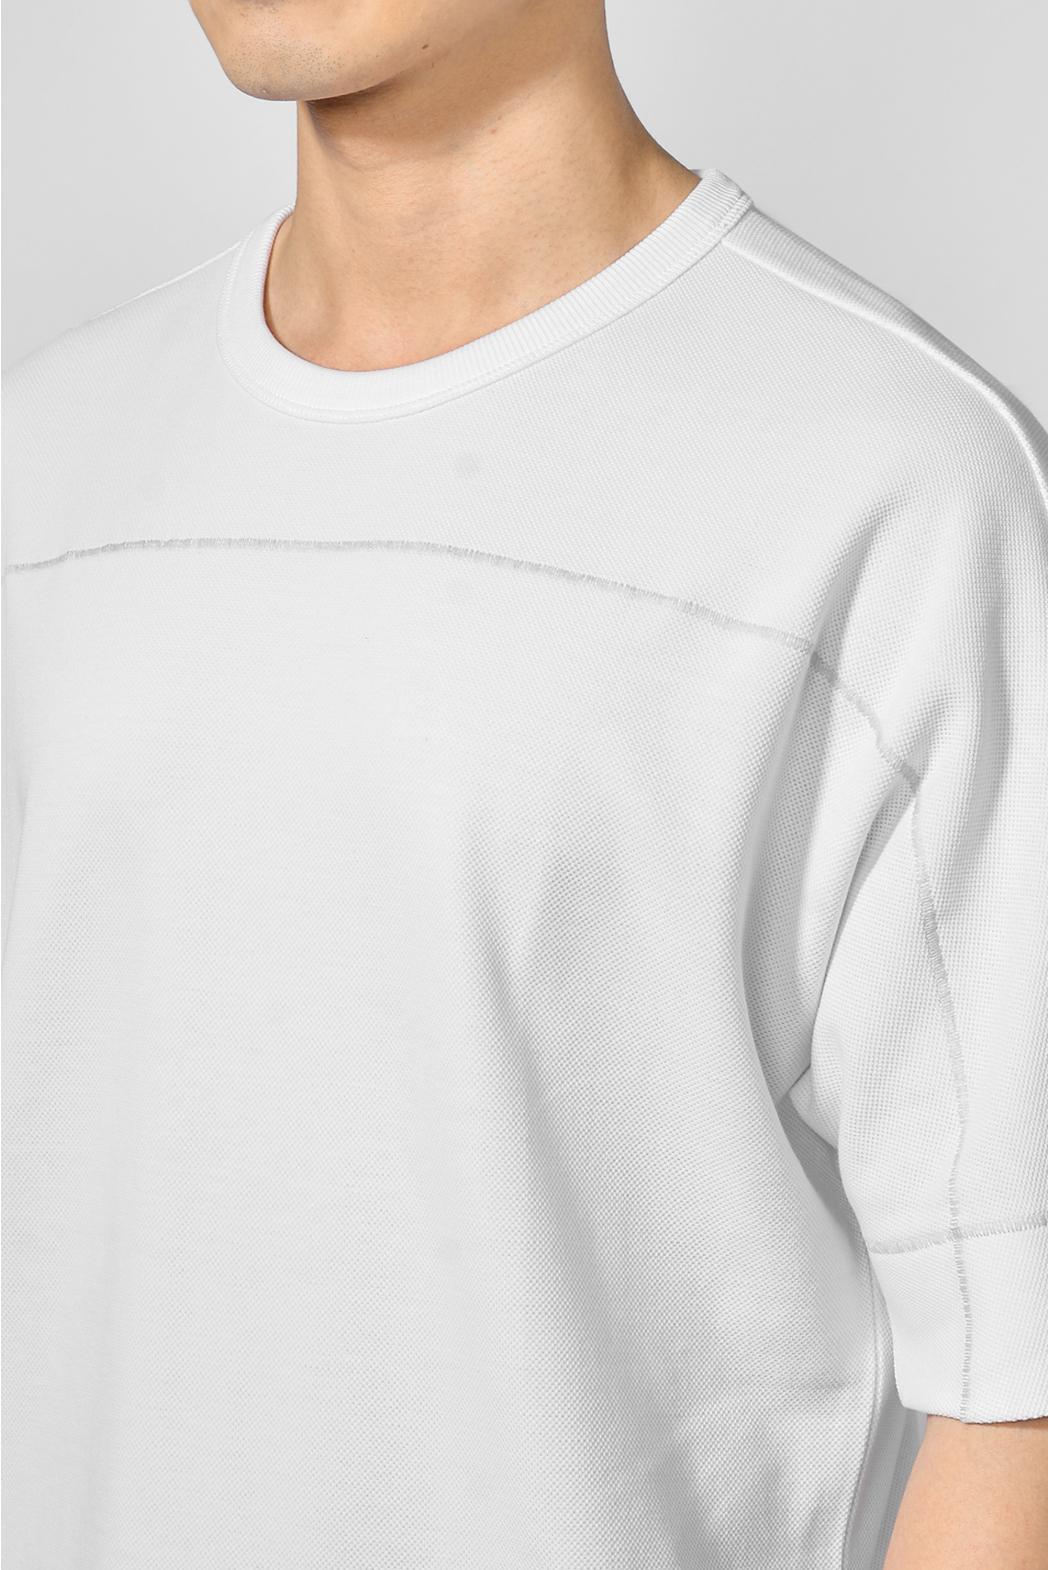 Áo thun tay ngắn, rã thân. LOOSE form - 10F20TSH022